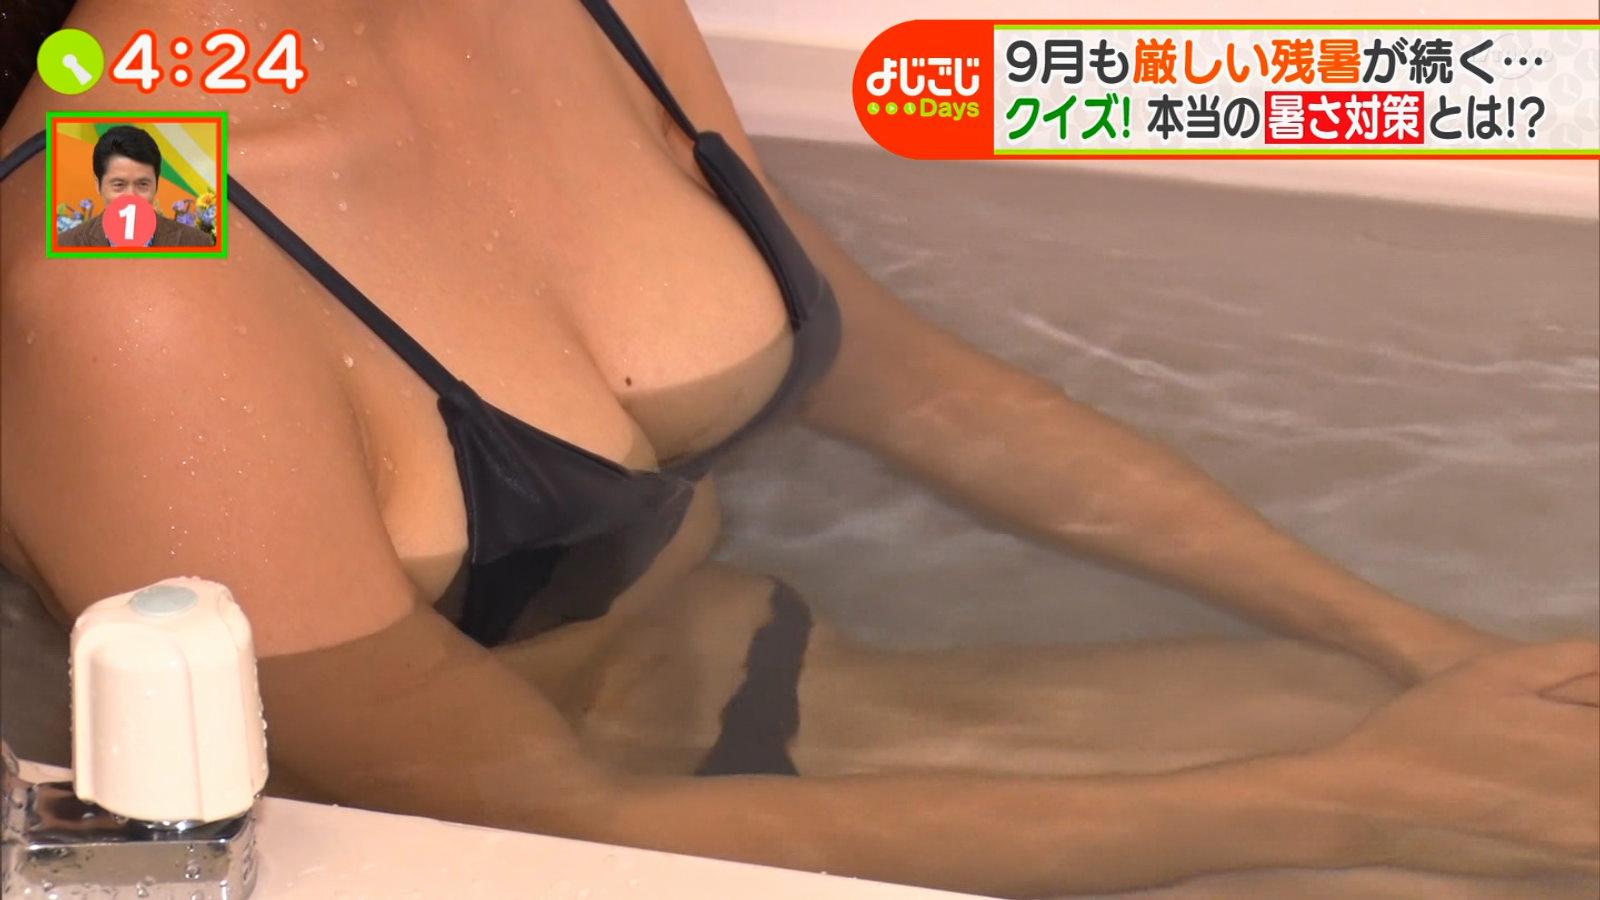 巨乳_美女_ビキニ_入浴_よじごじDays_09